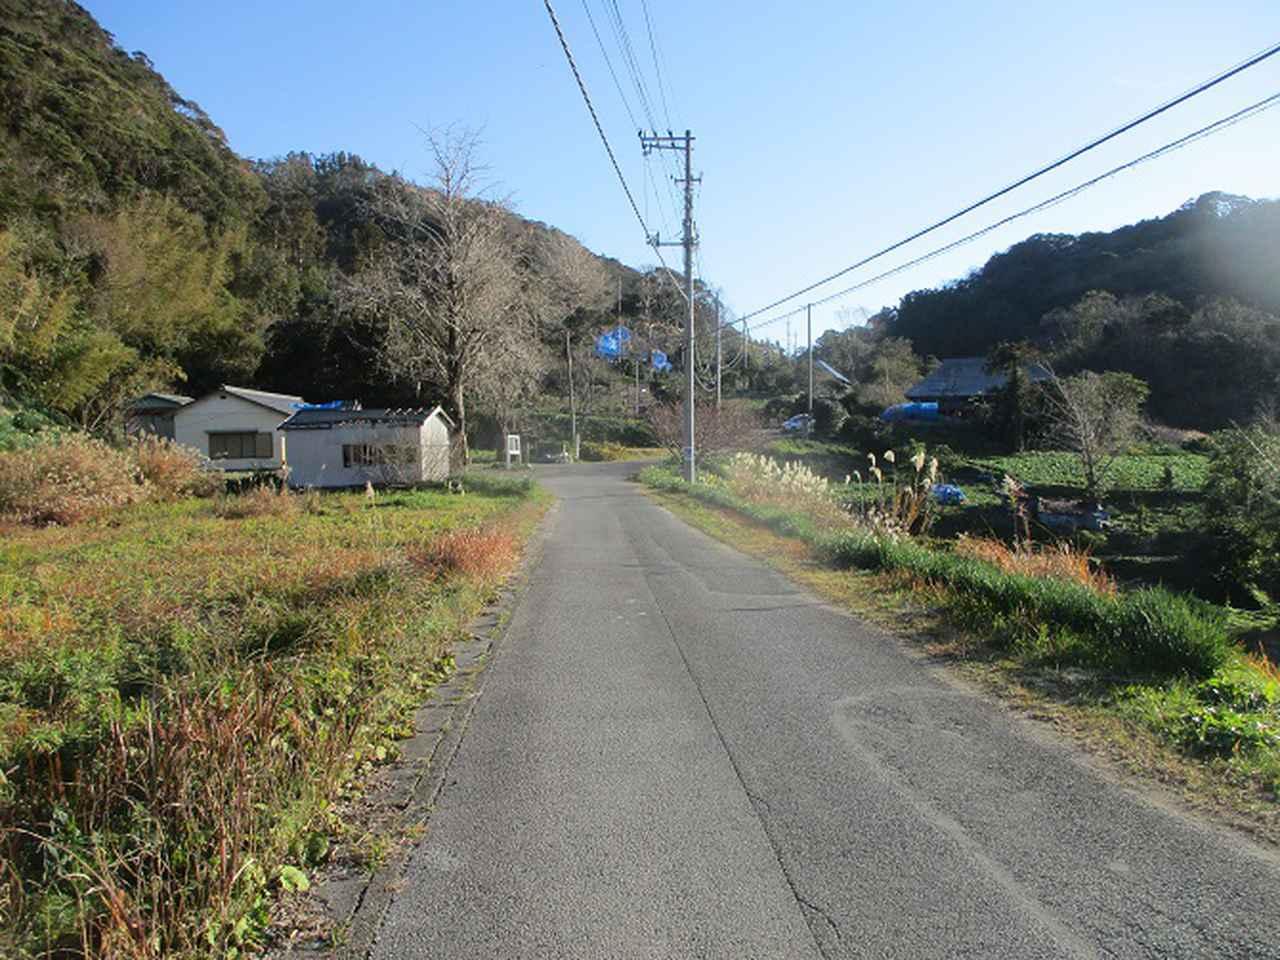 画像1: 1月の山旅会 「をくずれから津森山」 ツアーの下見に行ってきました!